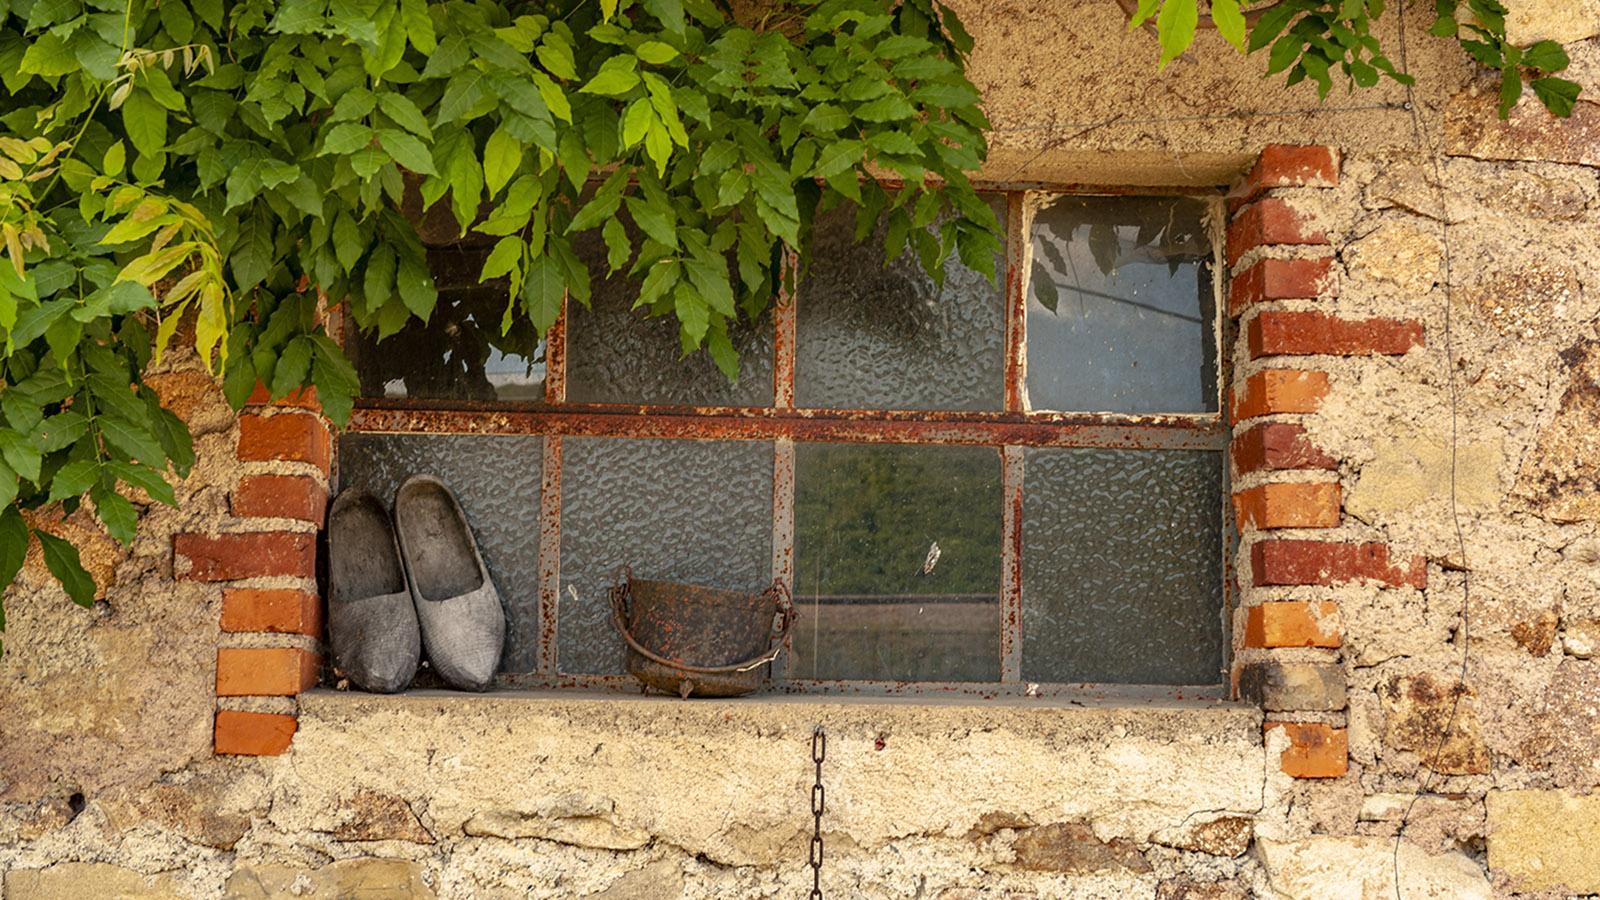 Diagonale du Vide: Hier werden Holzpantinen noch getragen - und nicht im Museum ausgestellt. Foto: Hilke Maunder